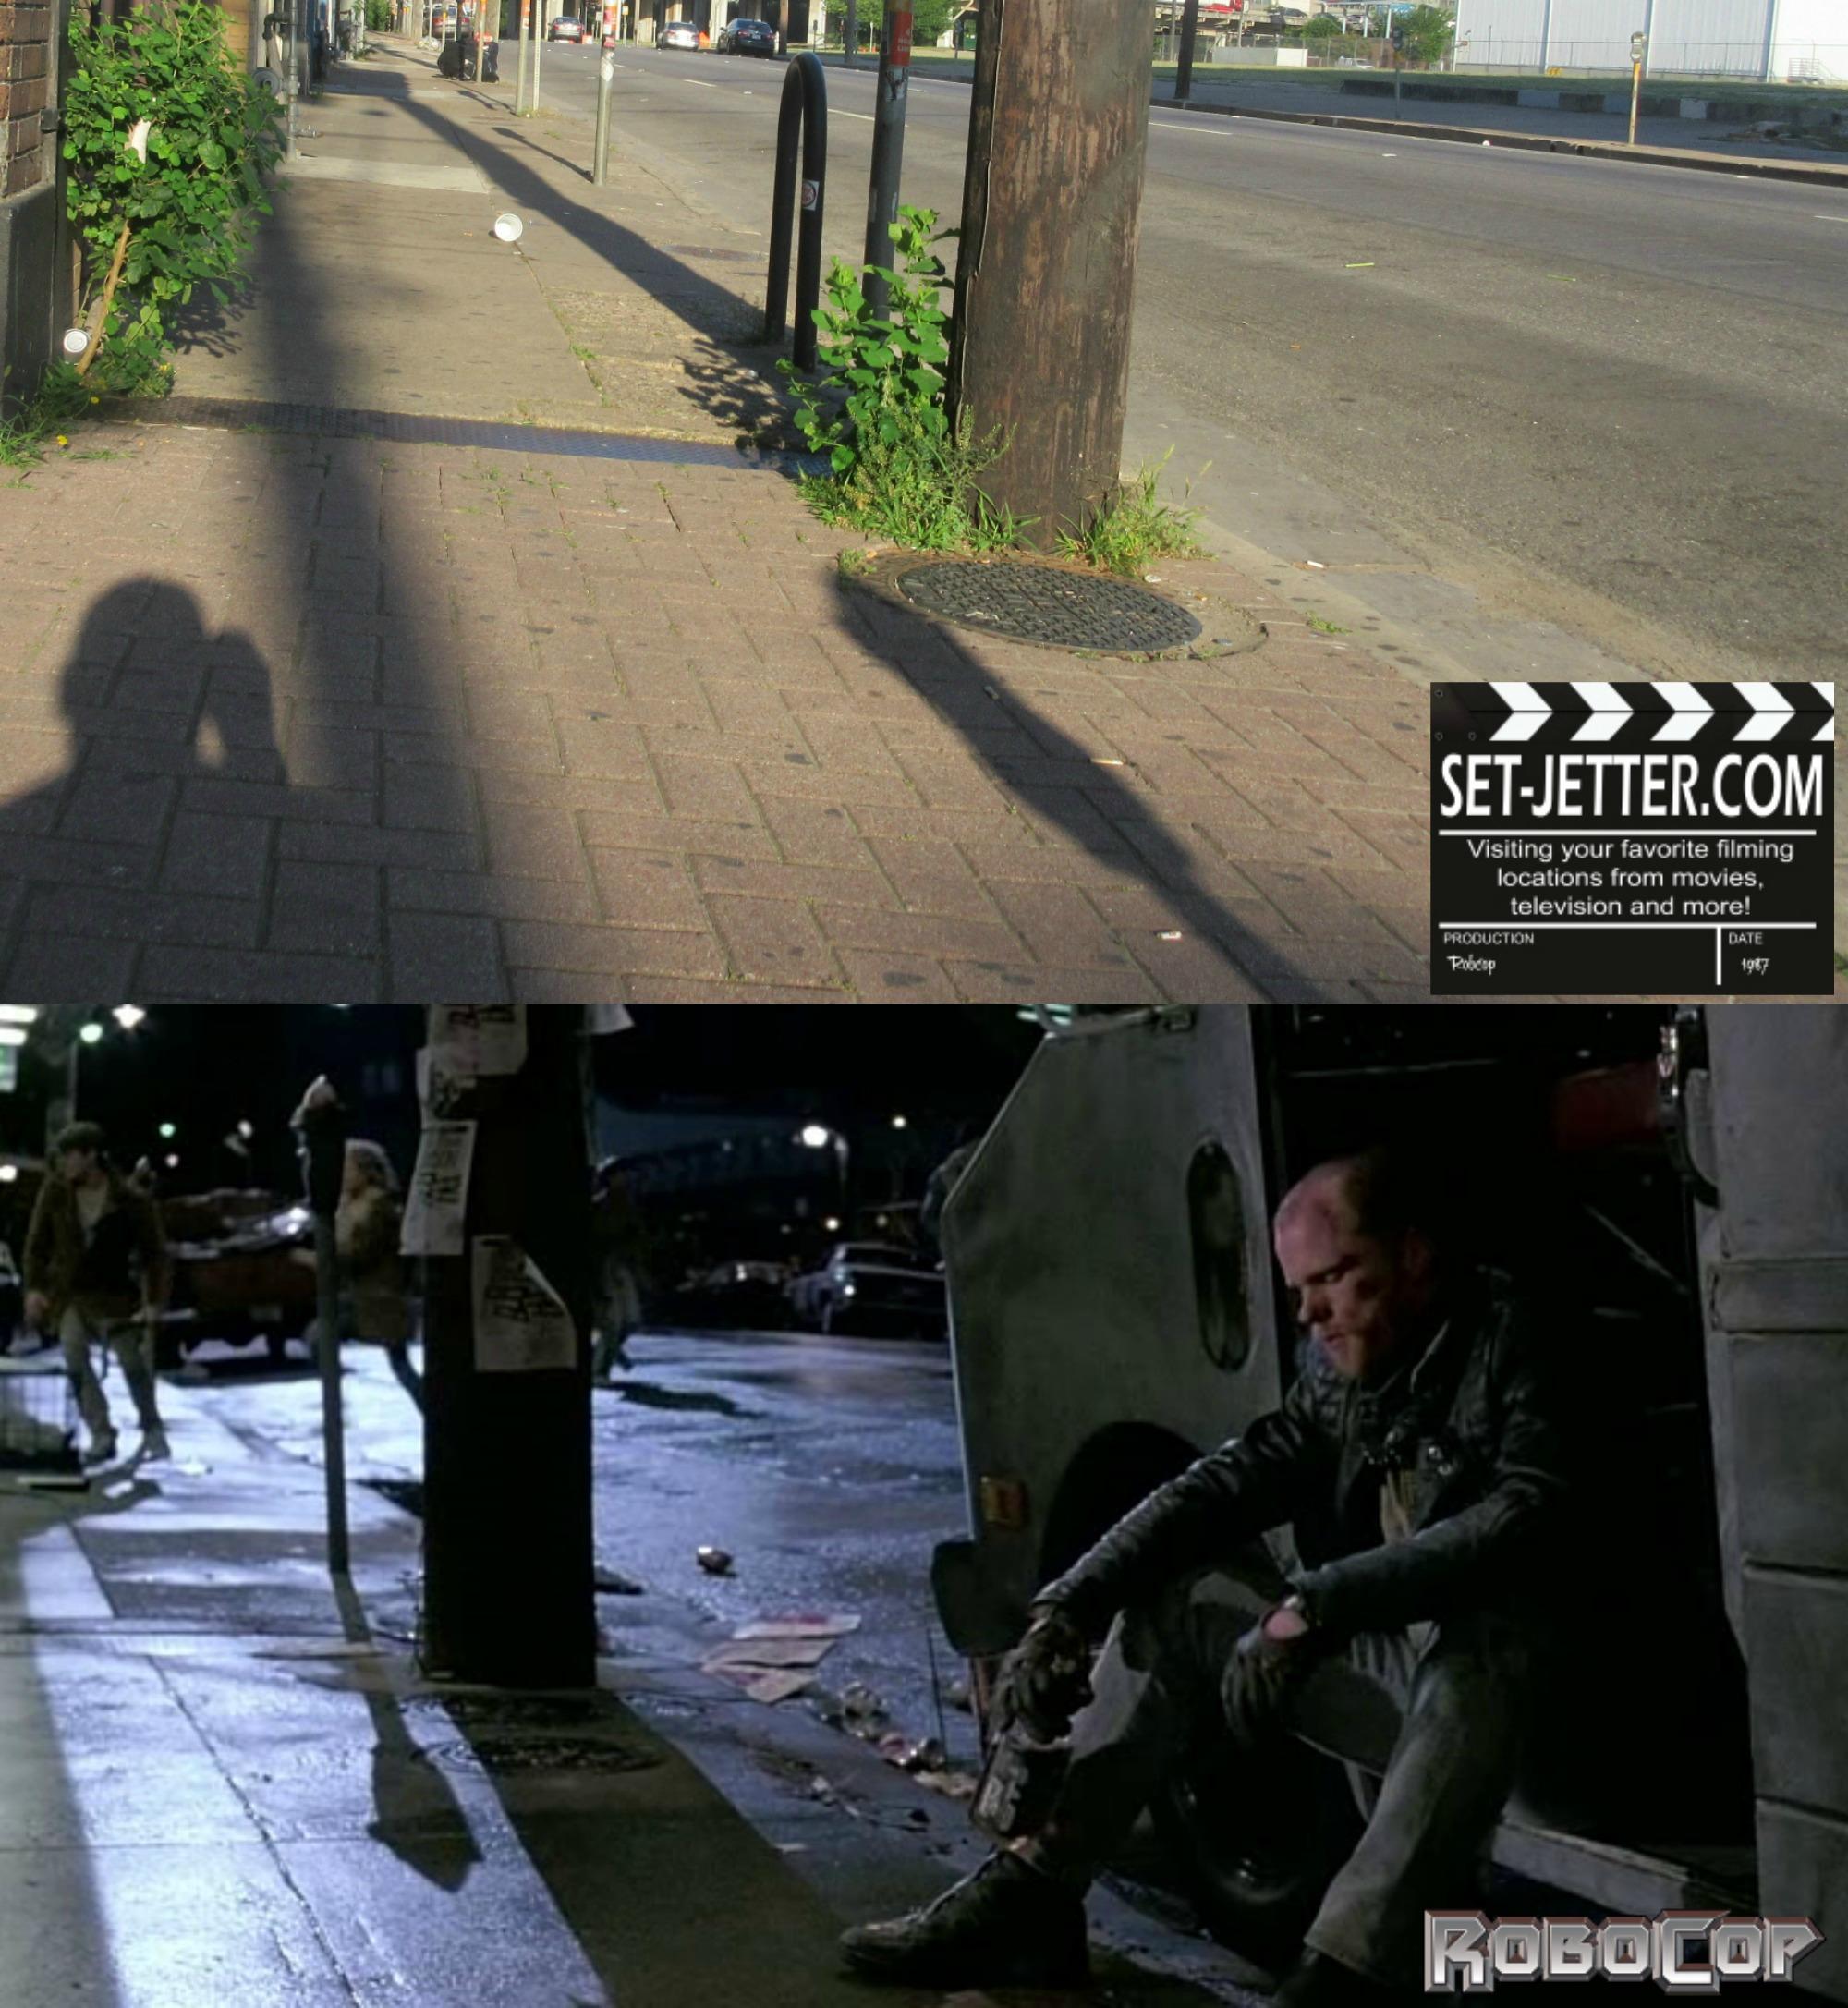 Robocop comparison 118.jpg